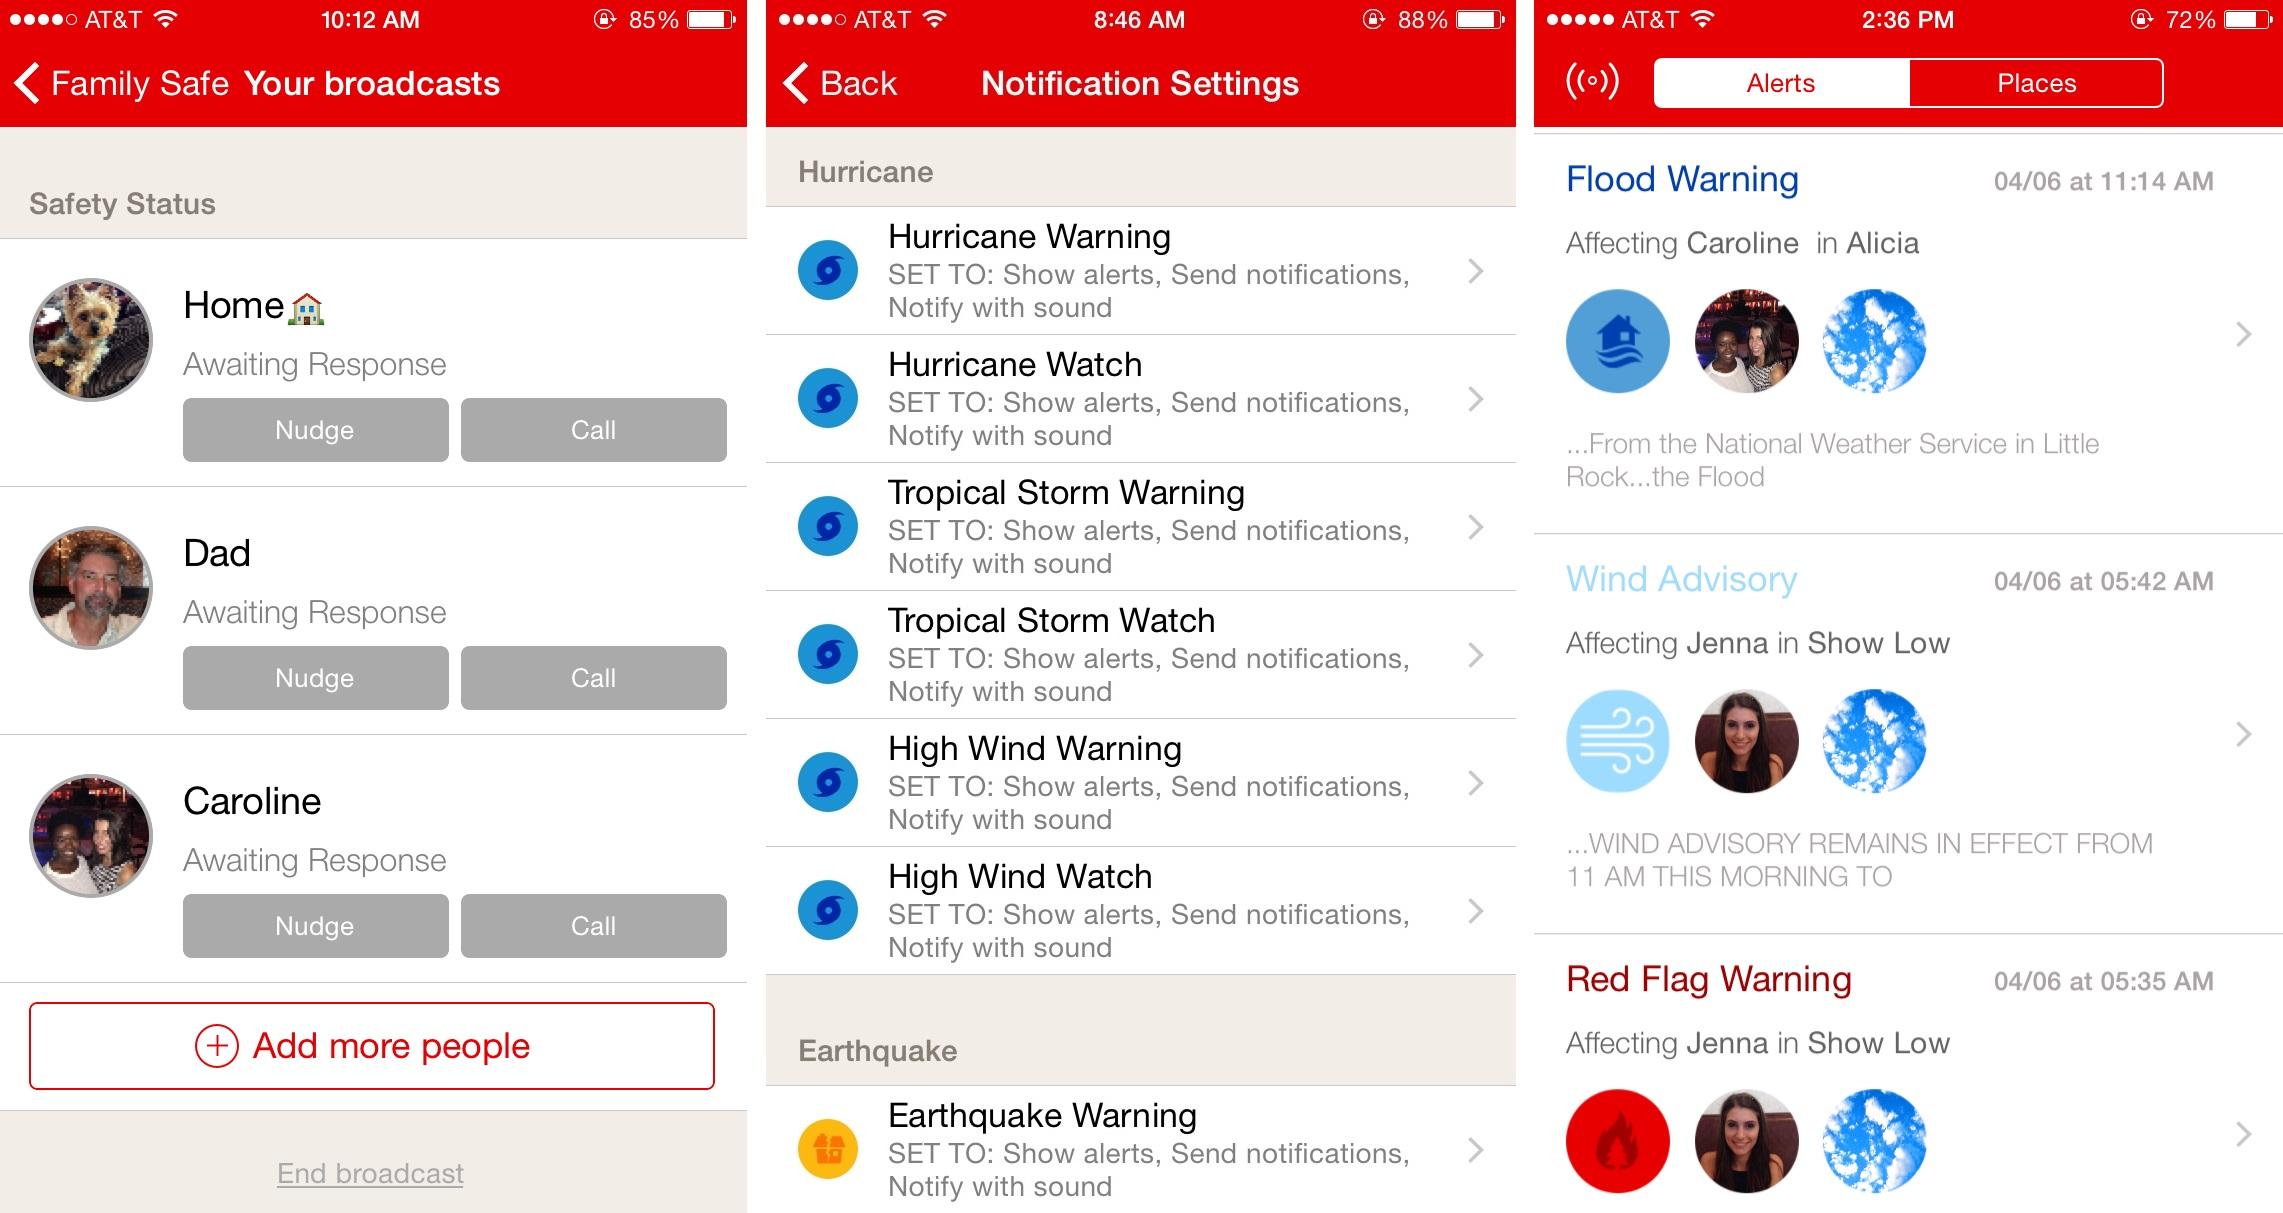 red cross emergency app screen shots_89382